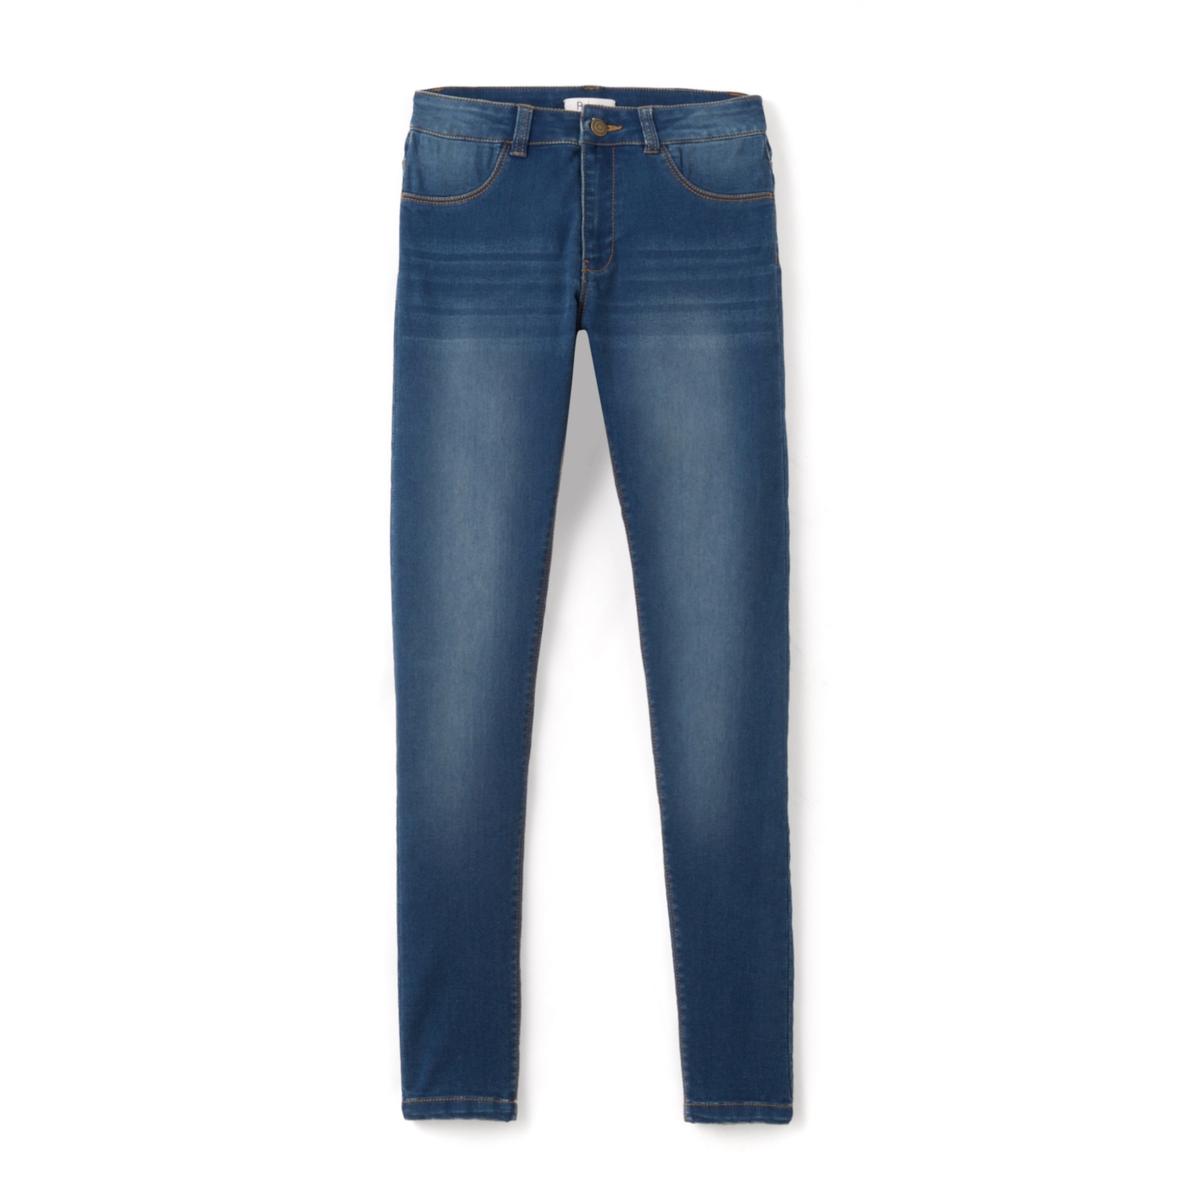 Джинсы скинни, 10-16 лет джинсы скинни облегающие для девочек 3 12 лет